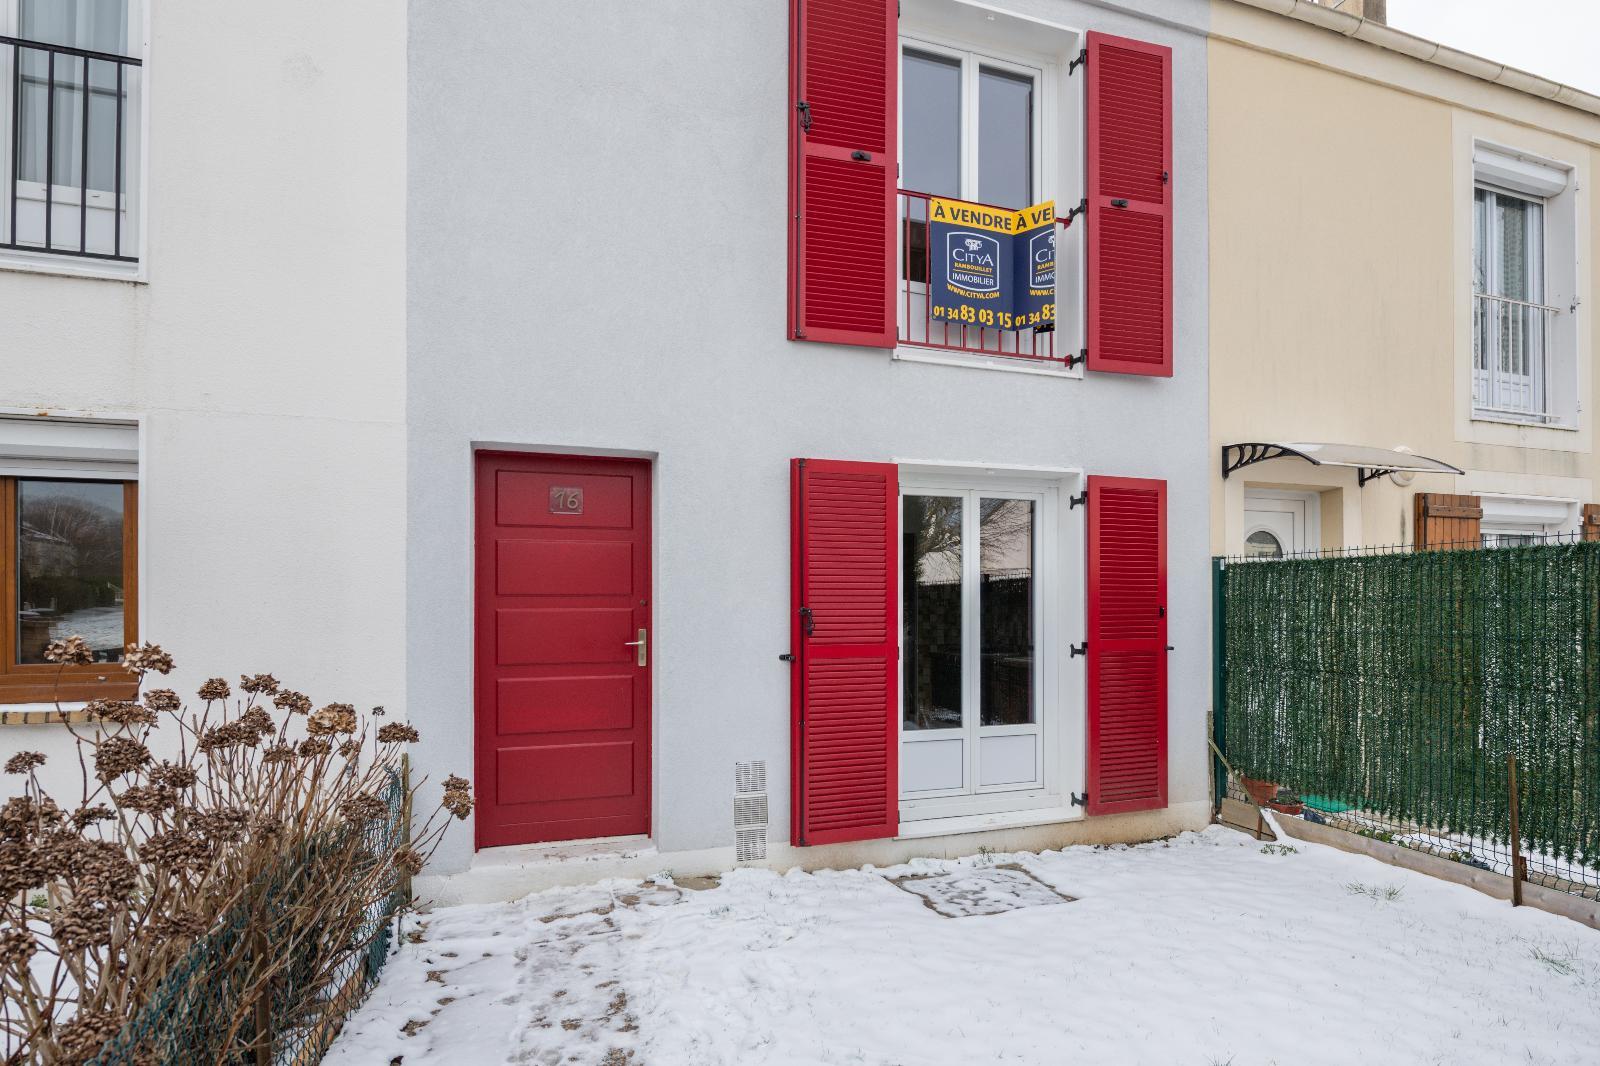 Maison/villa 4 pièces 83 m²